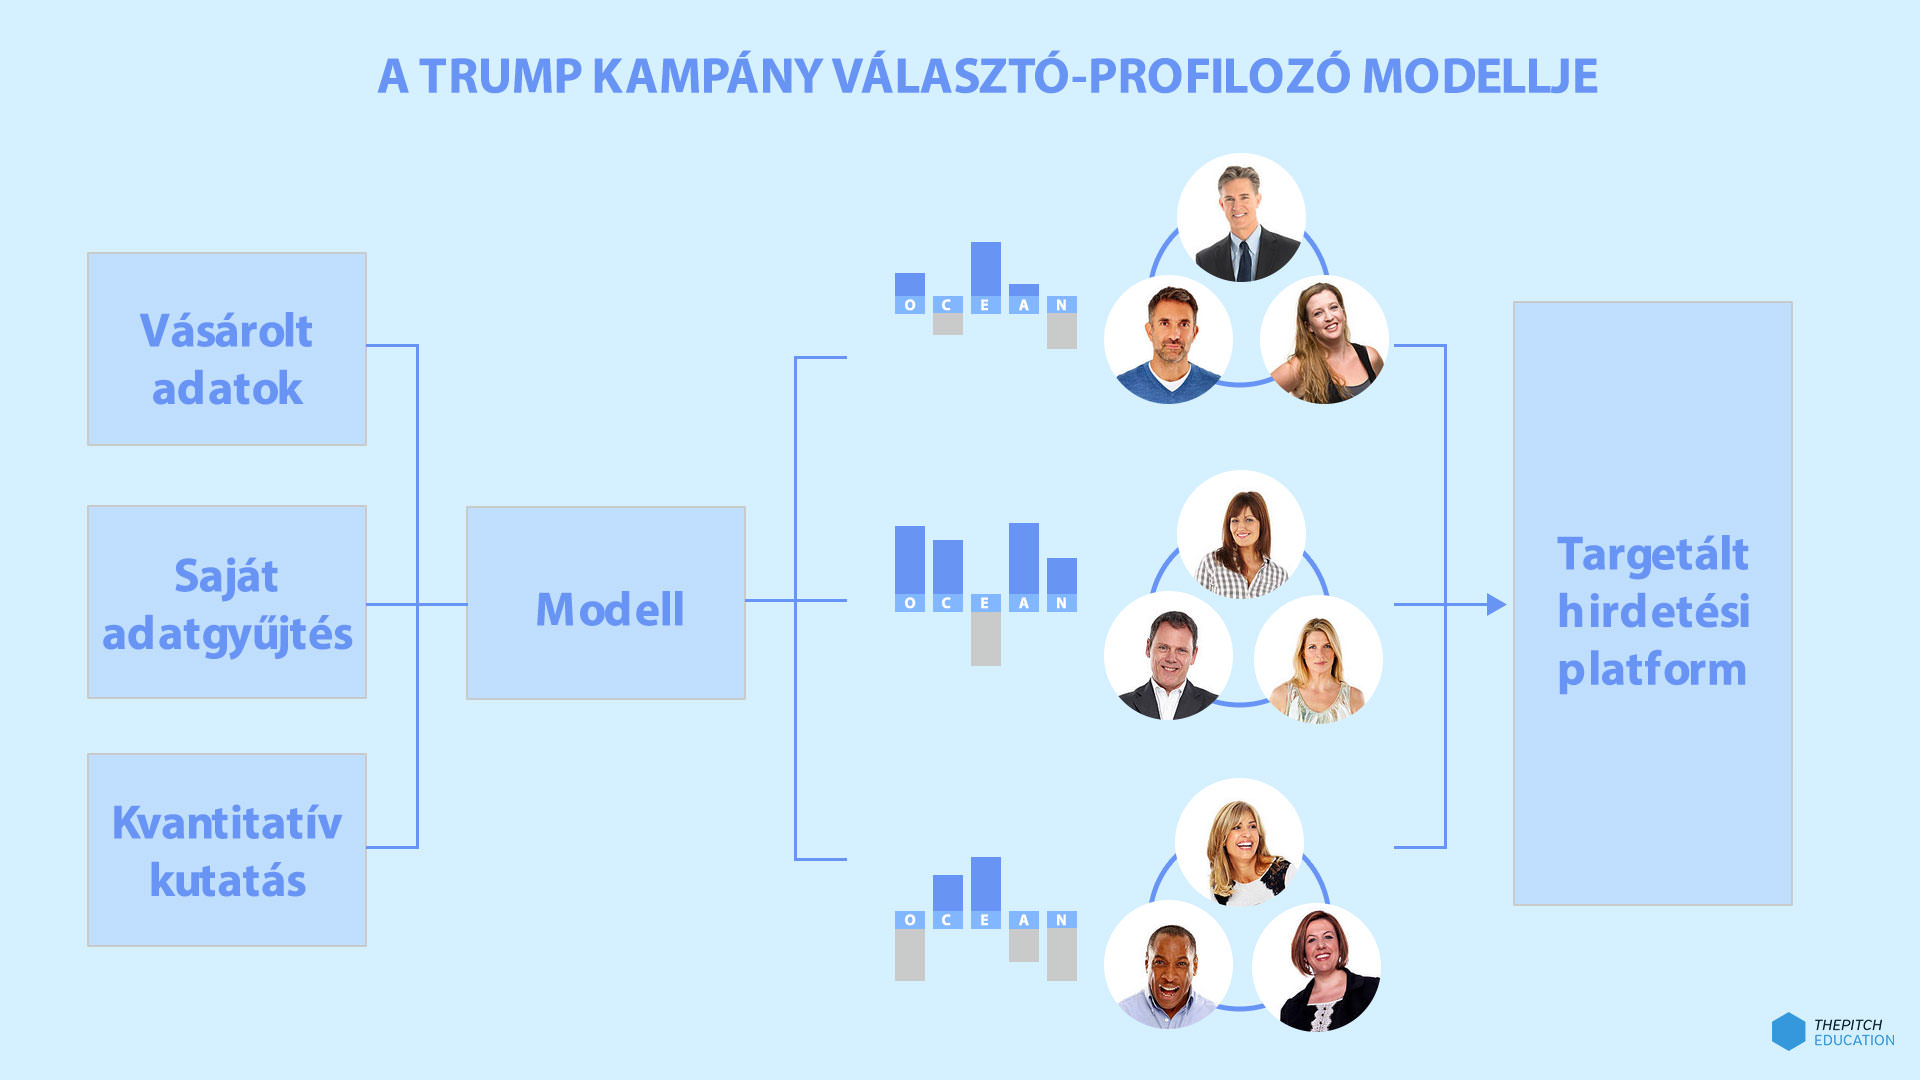 trump-modell